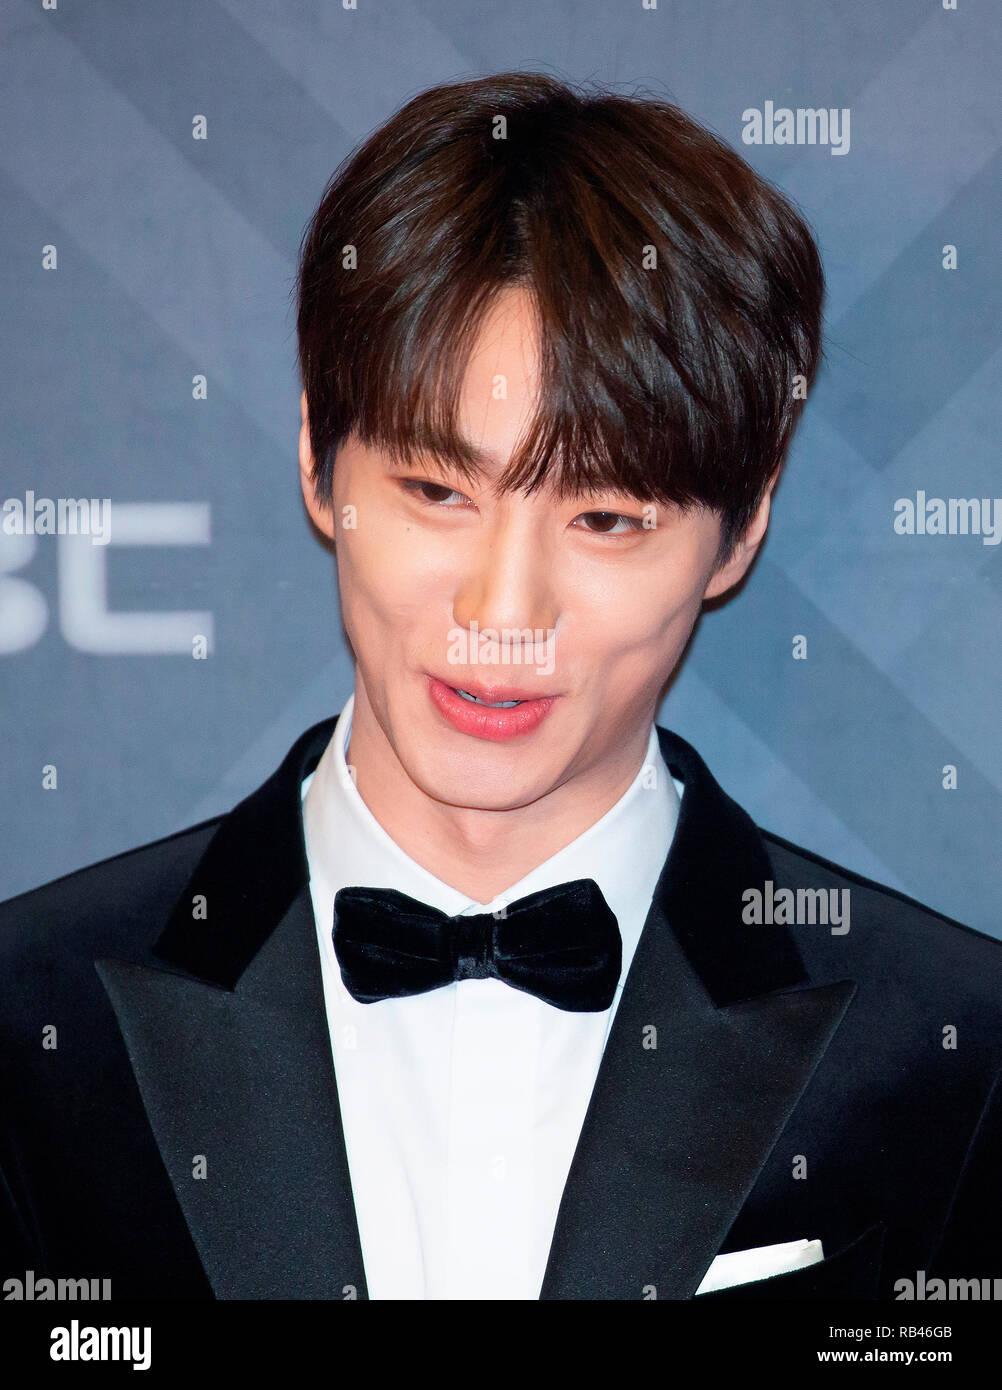 Jun (U-KISS), Dec 30, 2018 : A South Korean singer and actor